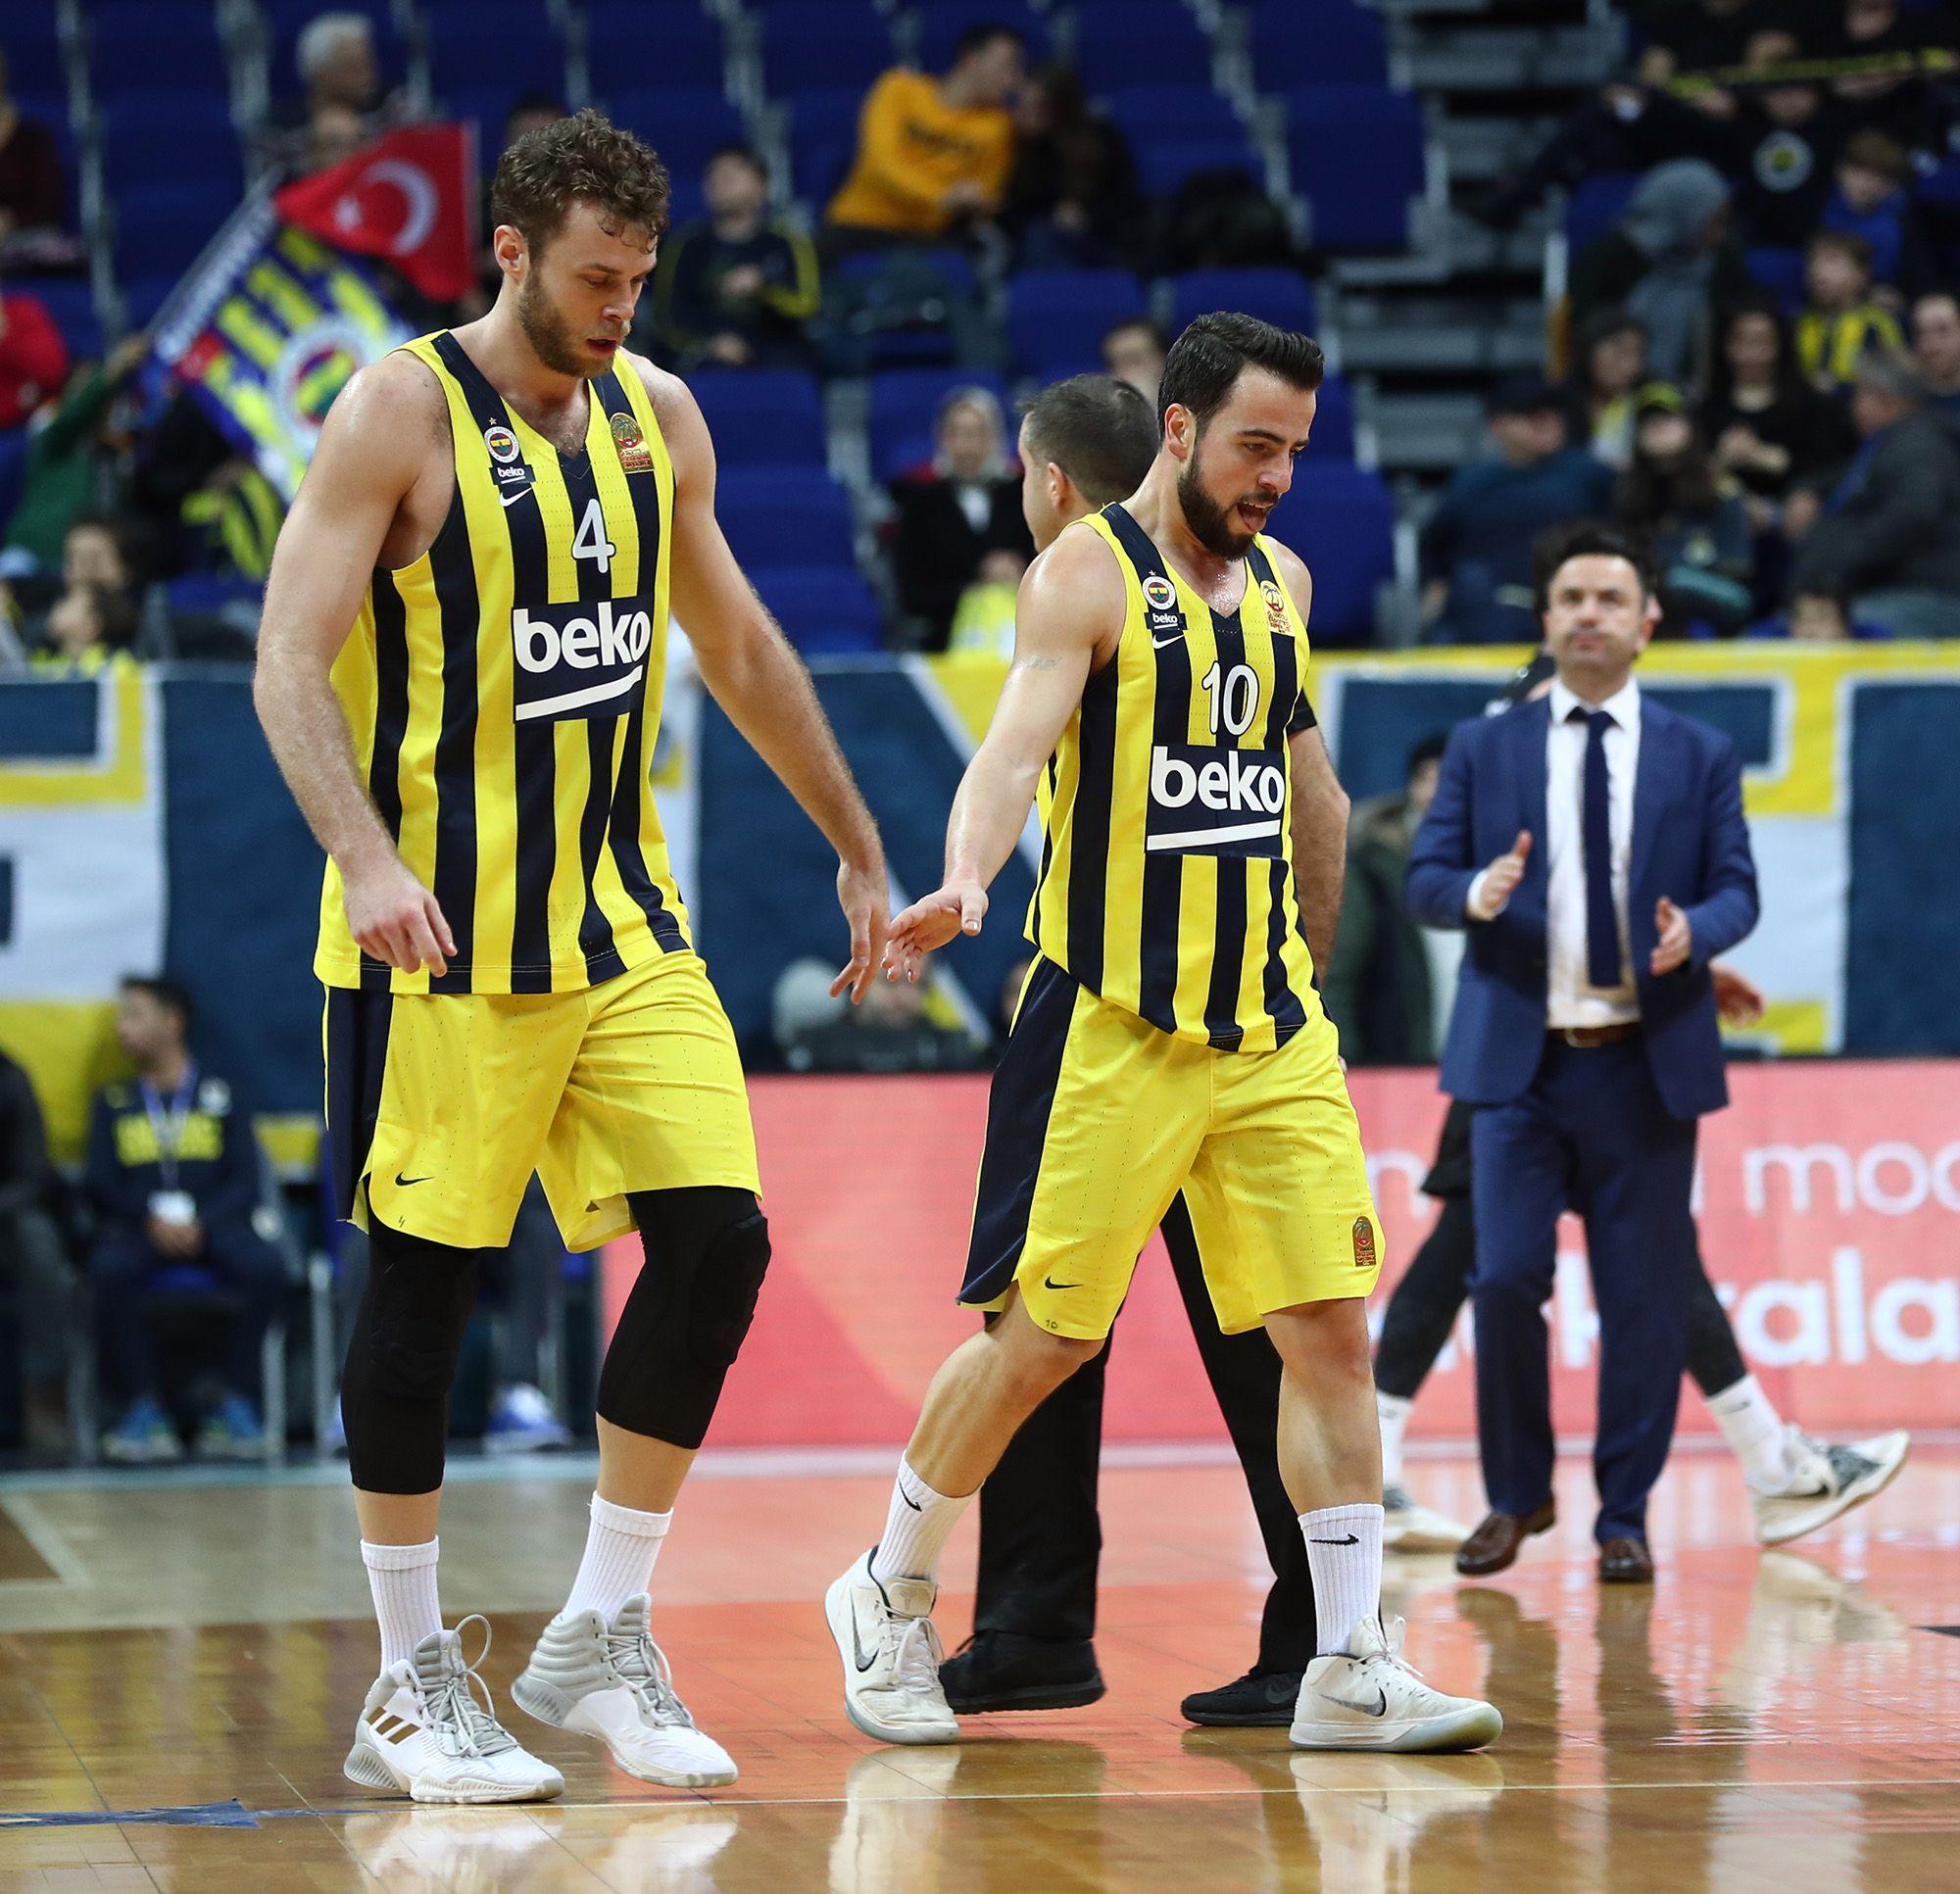 4 Nicola Melli (PF) and cap #10 Melih Mahmutoğlu (SG)